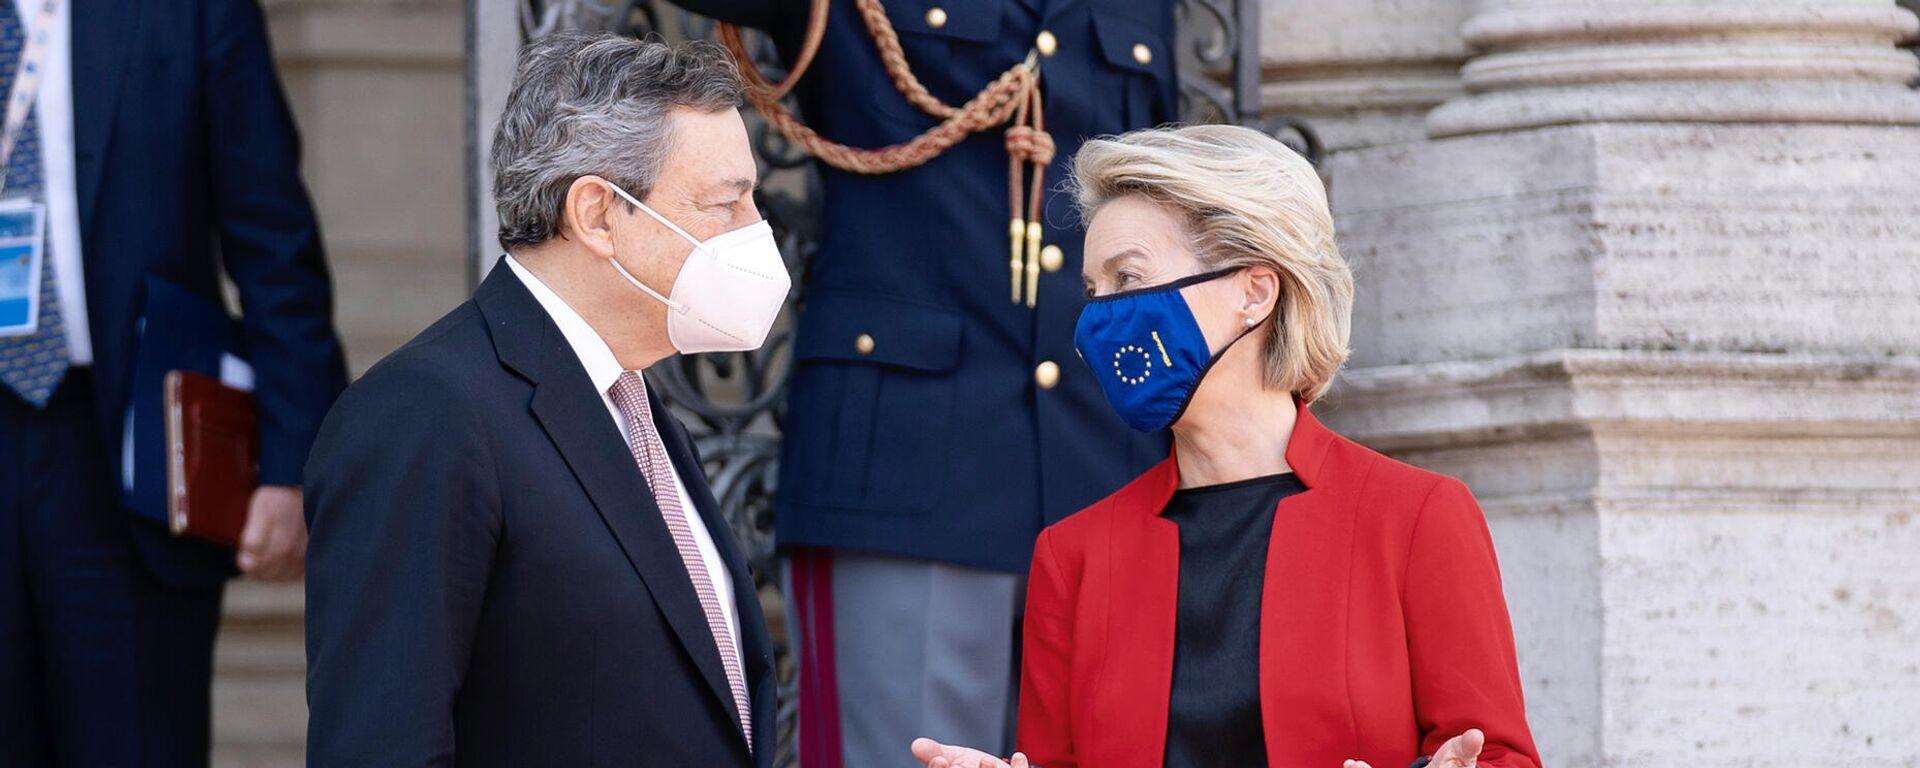 Il Presidente del Consiglio, Mario Draghi, accoglie a Villa Pamphilj la Presidente della Commissione Europea Ursula von der Leyen in occasione del Global Health Summit. 21 May 2021, Rome  - Sputnik Italia, 1920, 21.05.2021